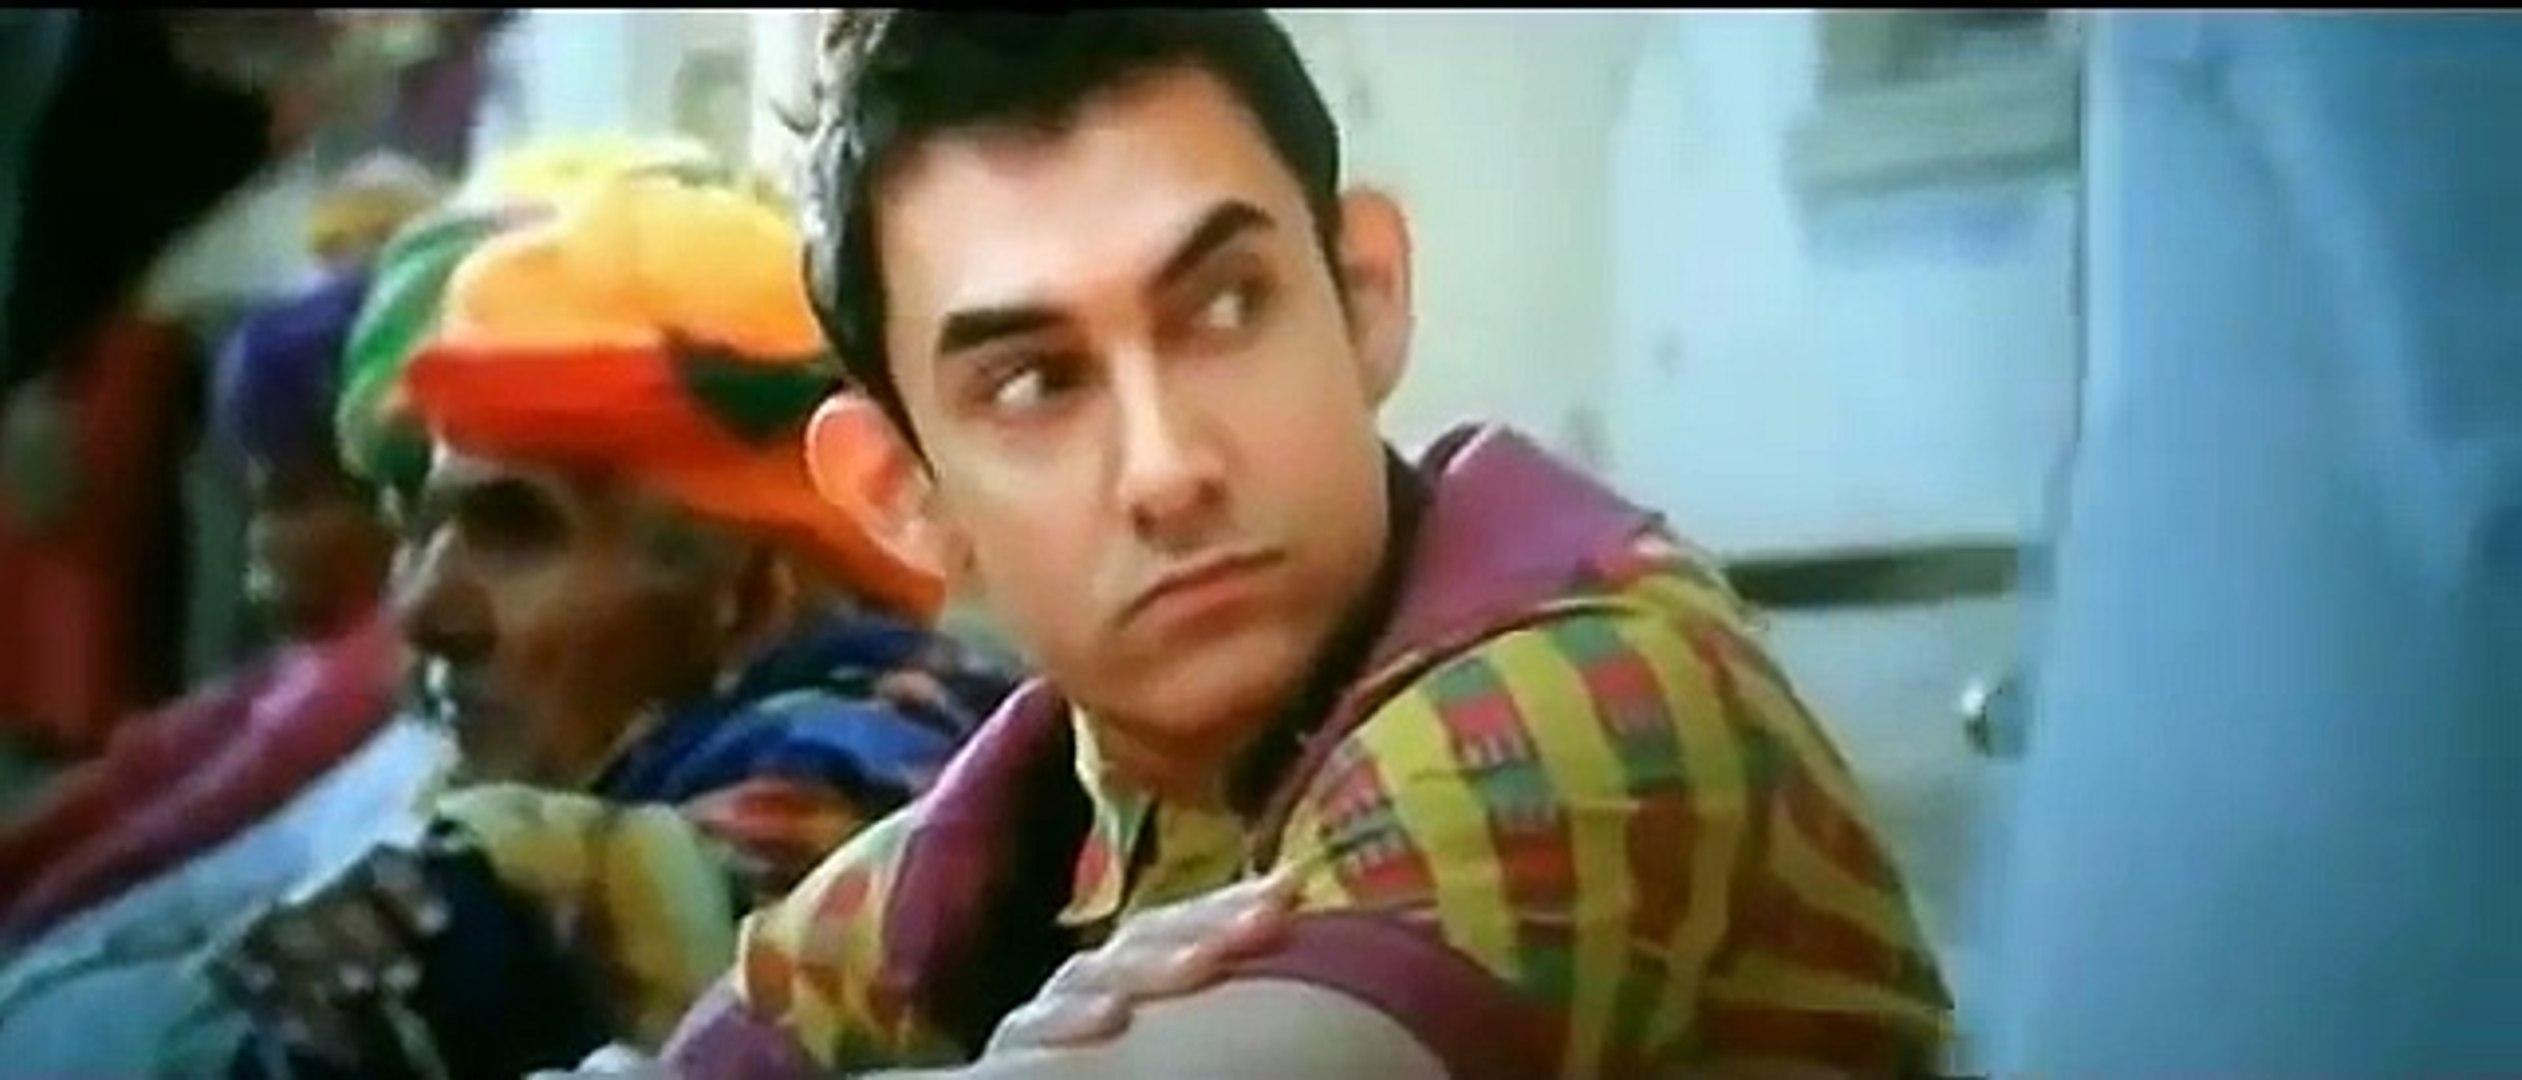 Pk Movie Comedy Scenes - Aamir khan - video dailymotion